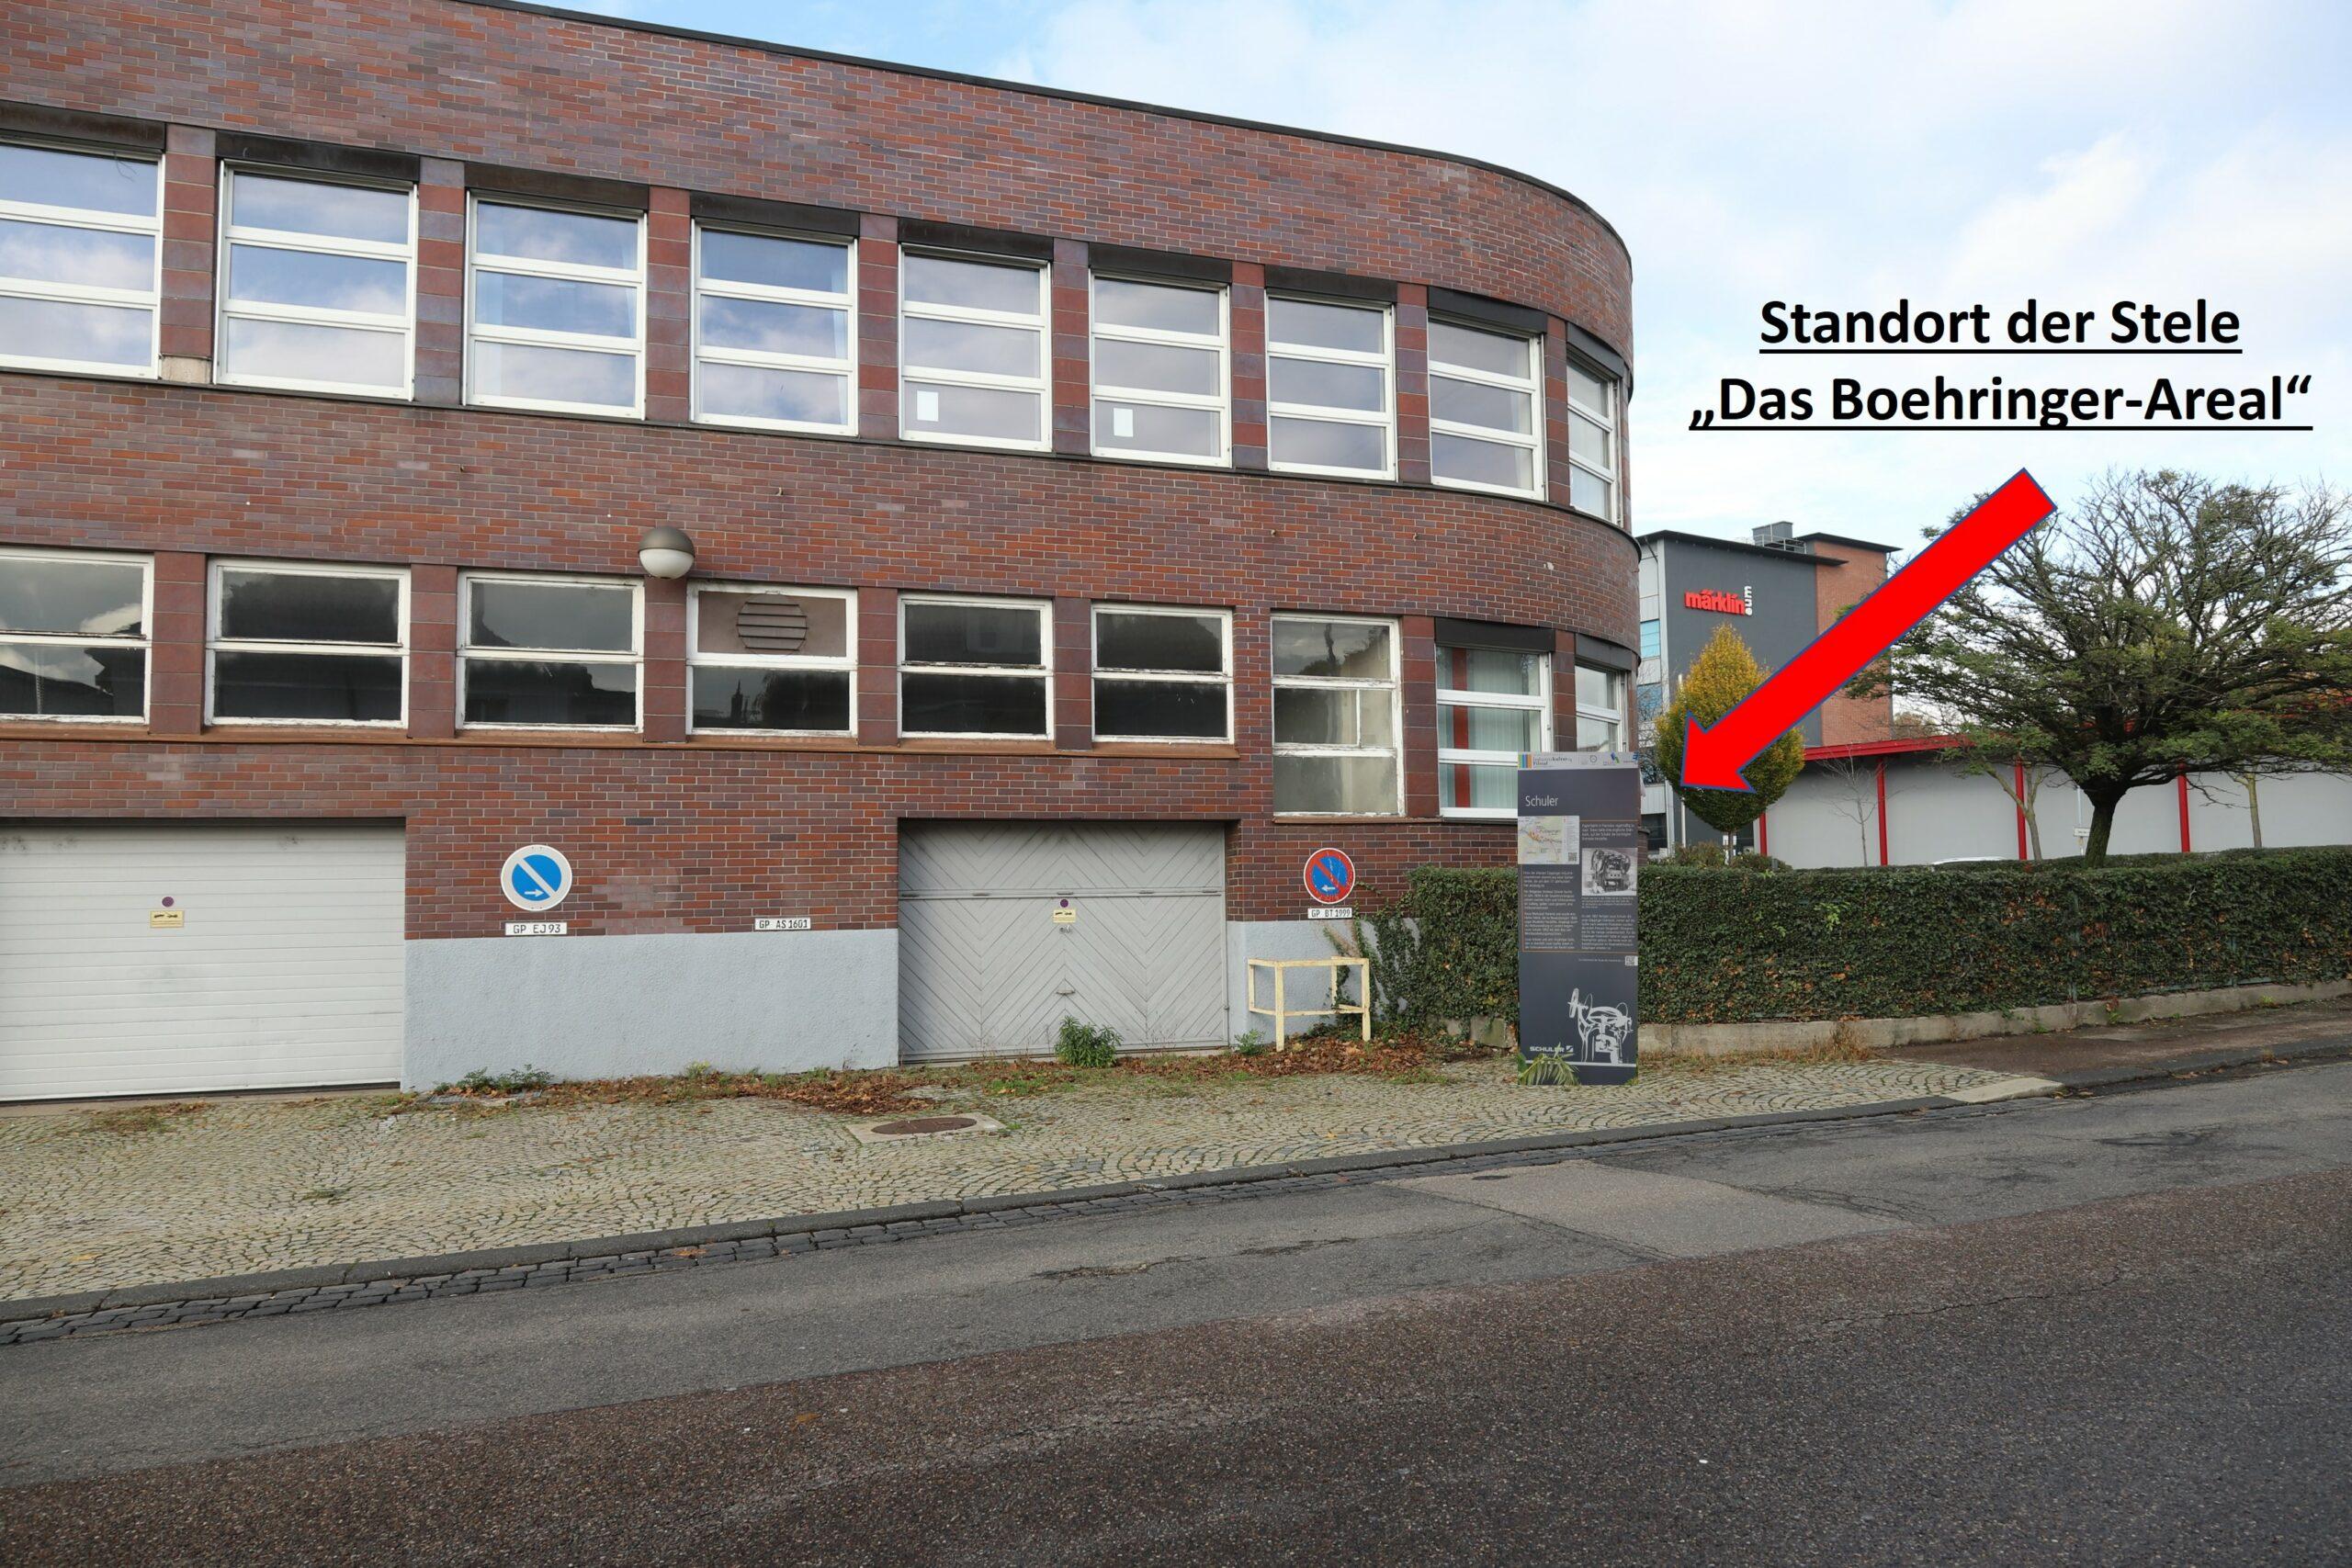 Standort der neuen Stele vor den ehemaligen Fuhrparkgaragen an der Hermannstraße